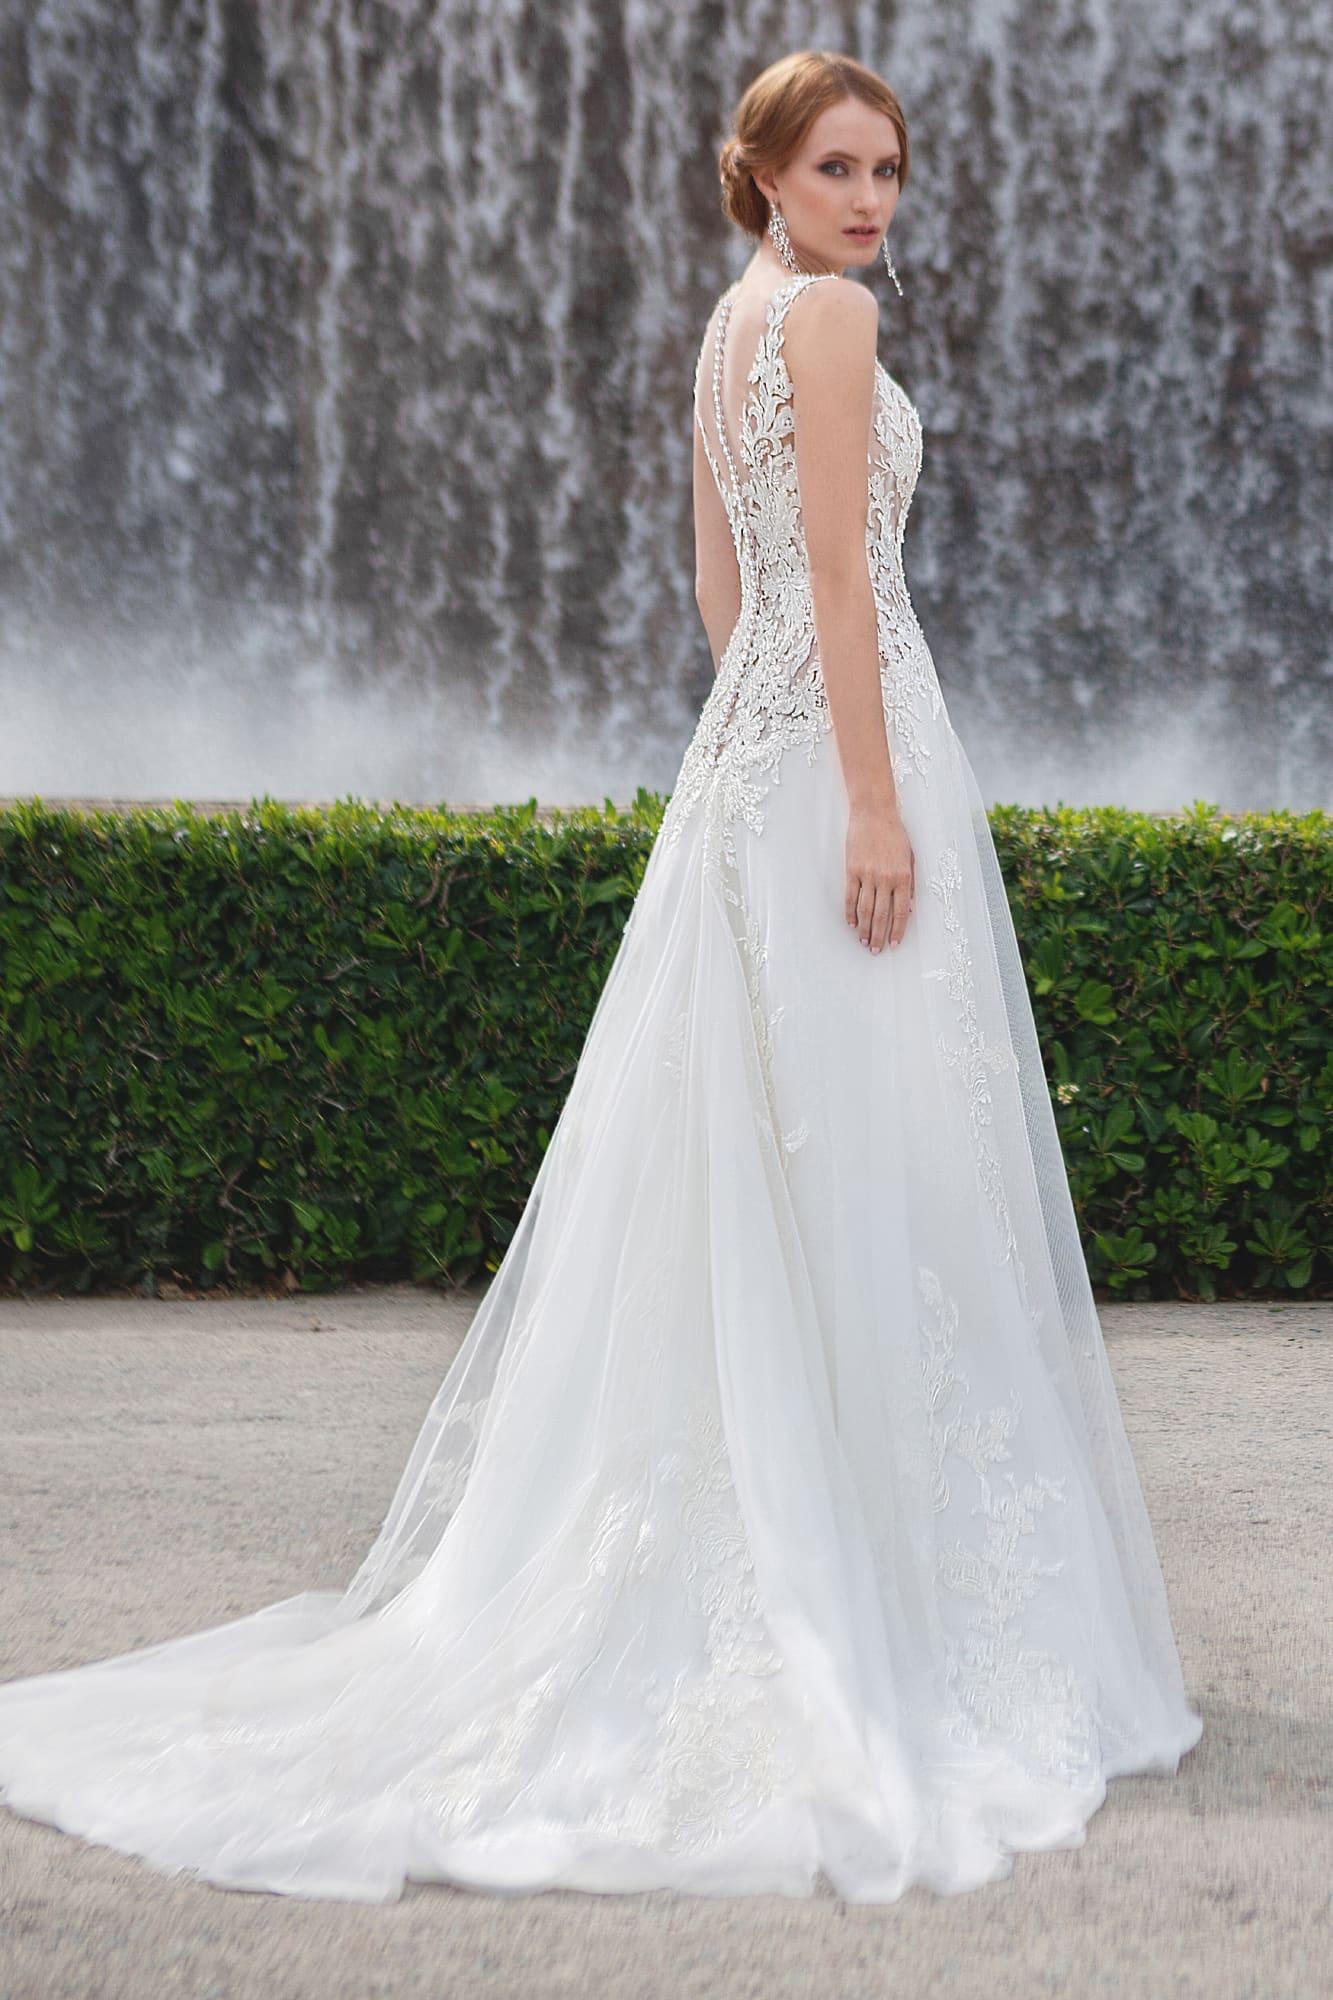 Деликатное свадебное платье с закрытым кружевным лифом и небольшим шлейфом сзади.